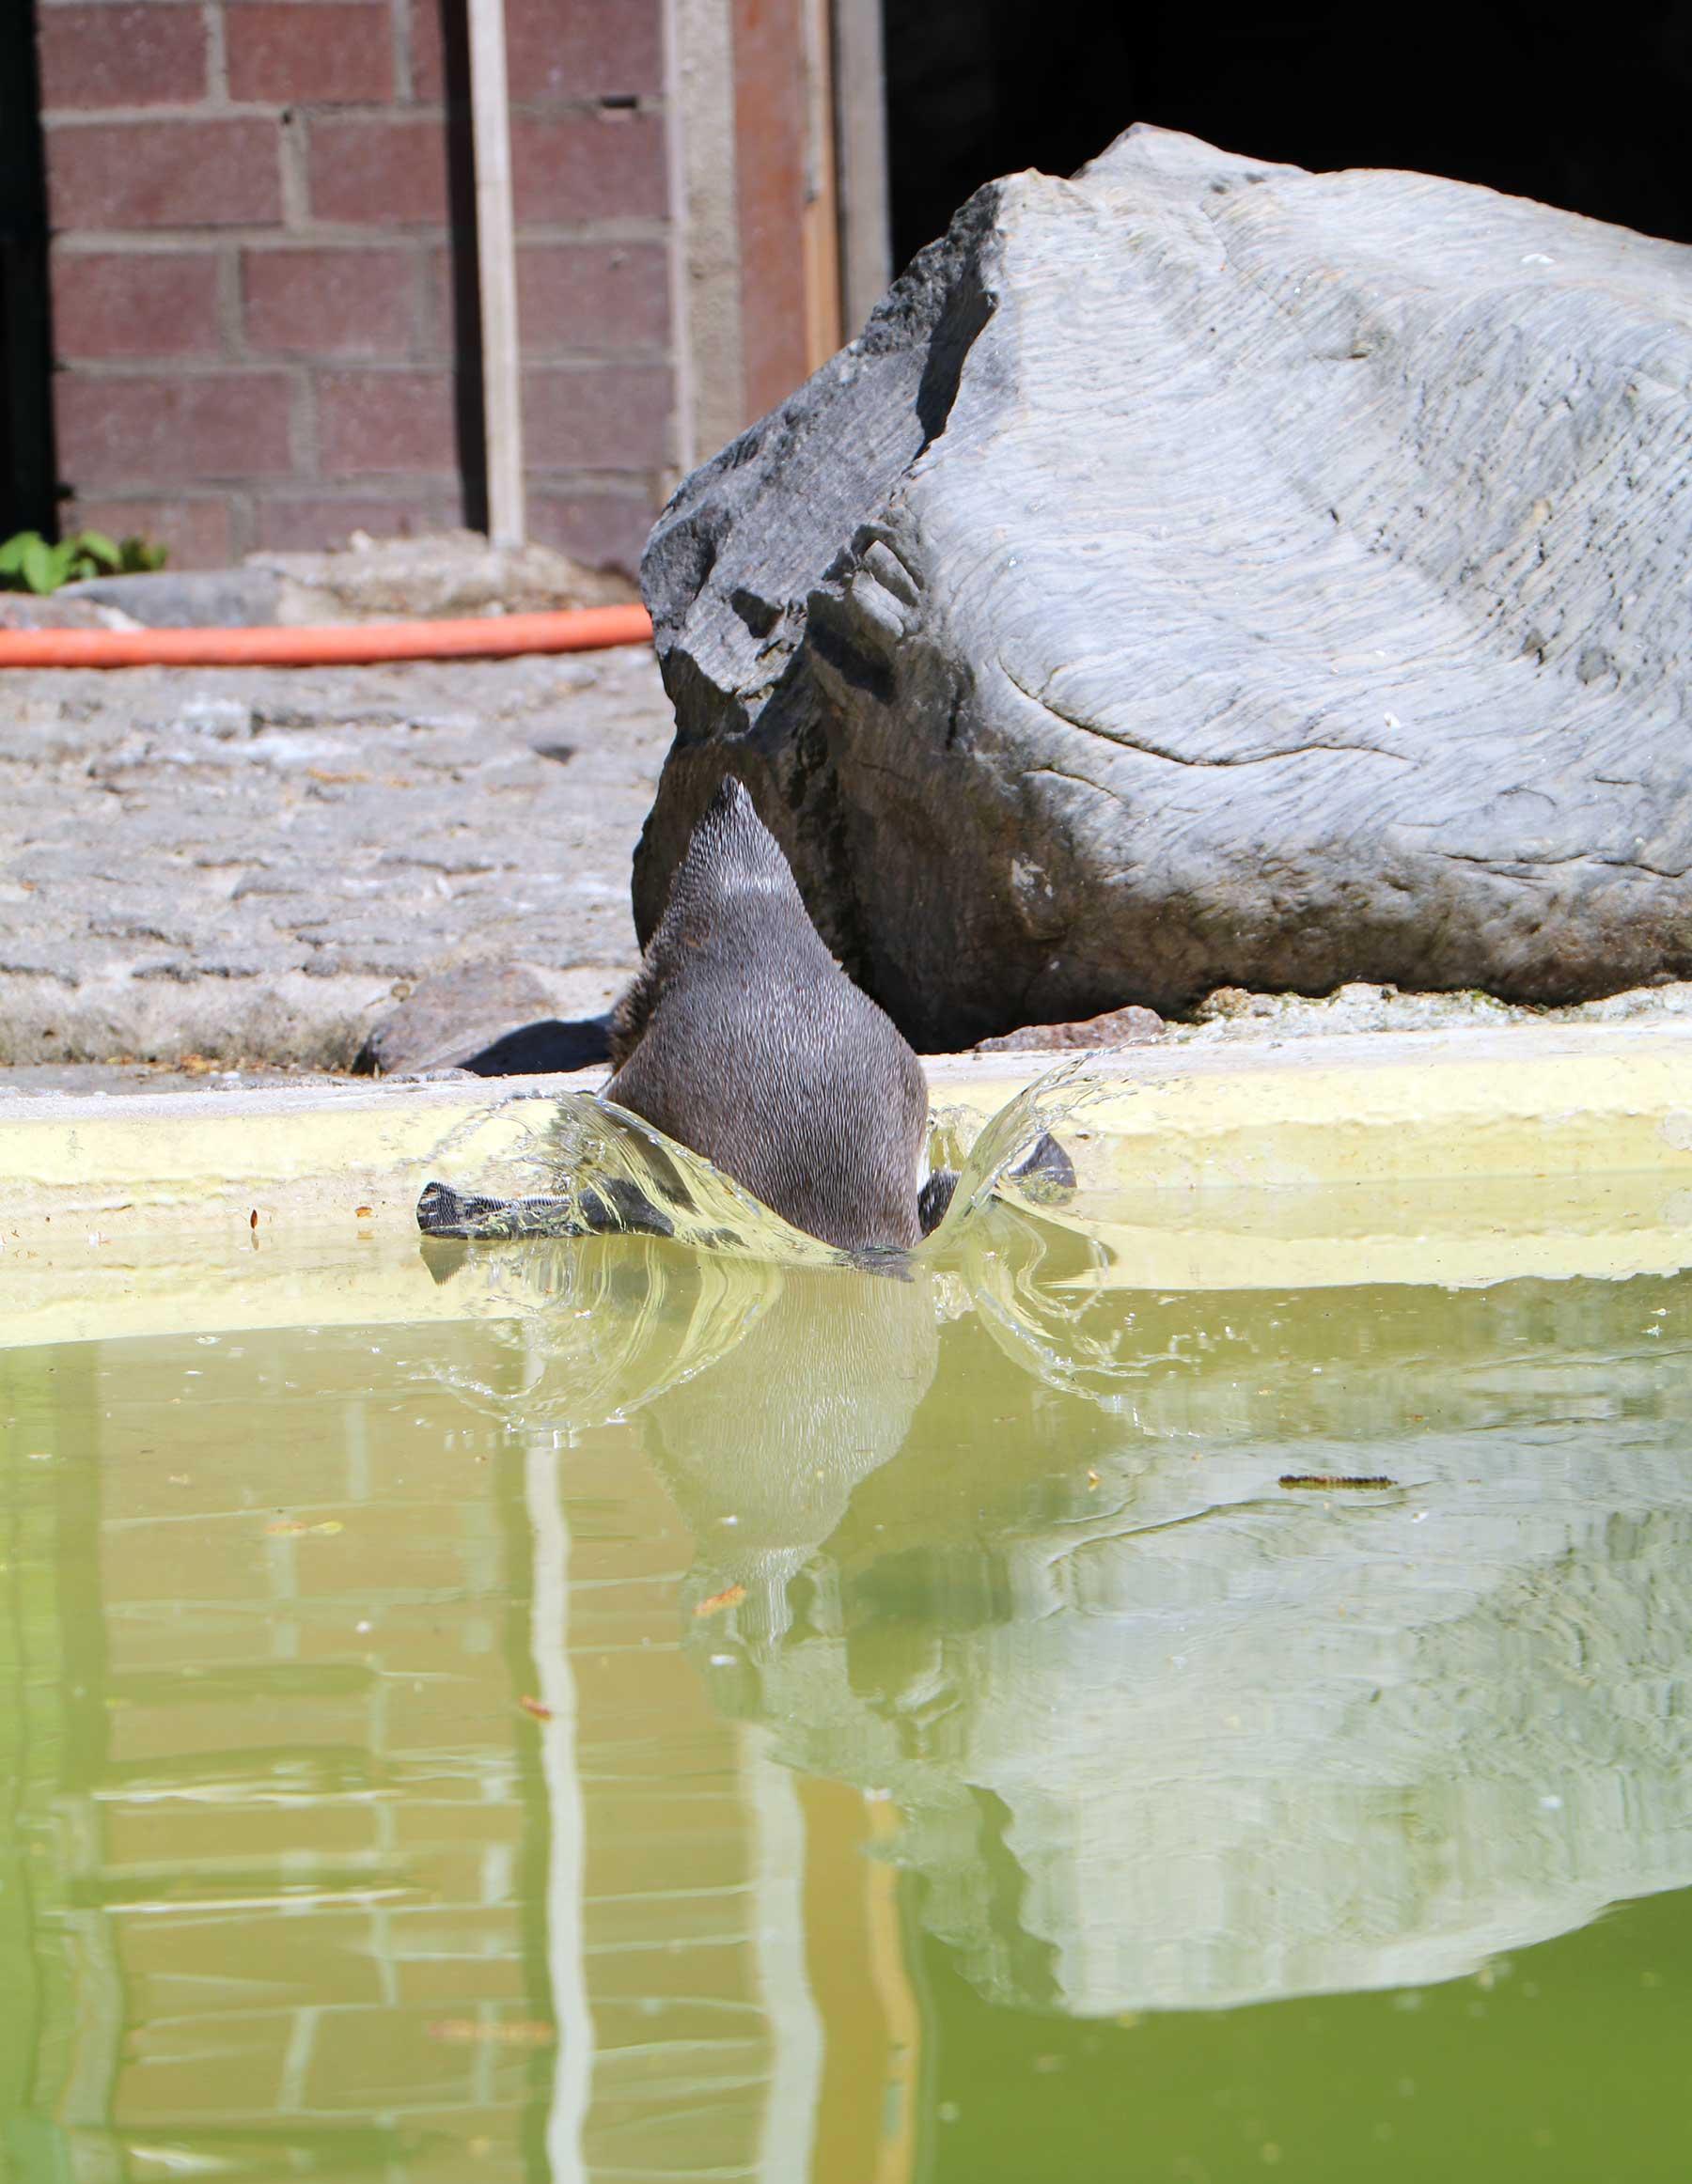 Bilder vom Besuch im Zoologischen Garten Eberswalde Zoologischer-garten-eberswalde-Besuch_08